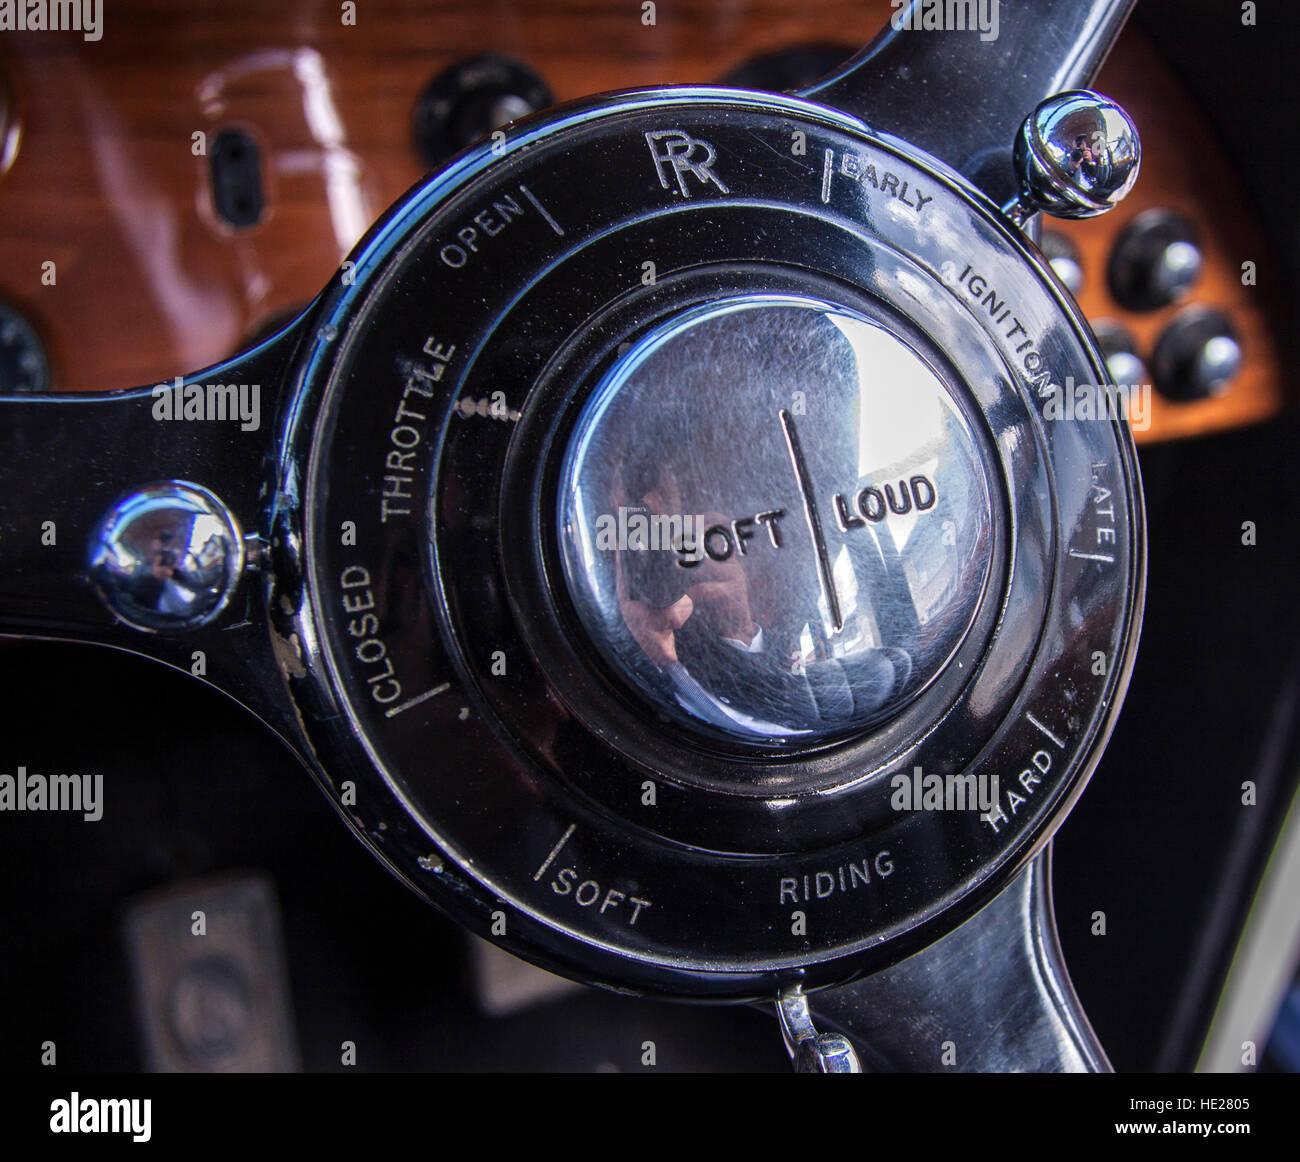 Mozzo volante di una Rolls Royce Phantom III, i controlli per il clacson soft/forte, stabilità di guida e anticipo Immagini Stock